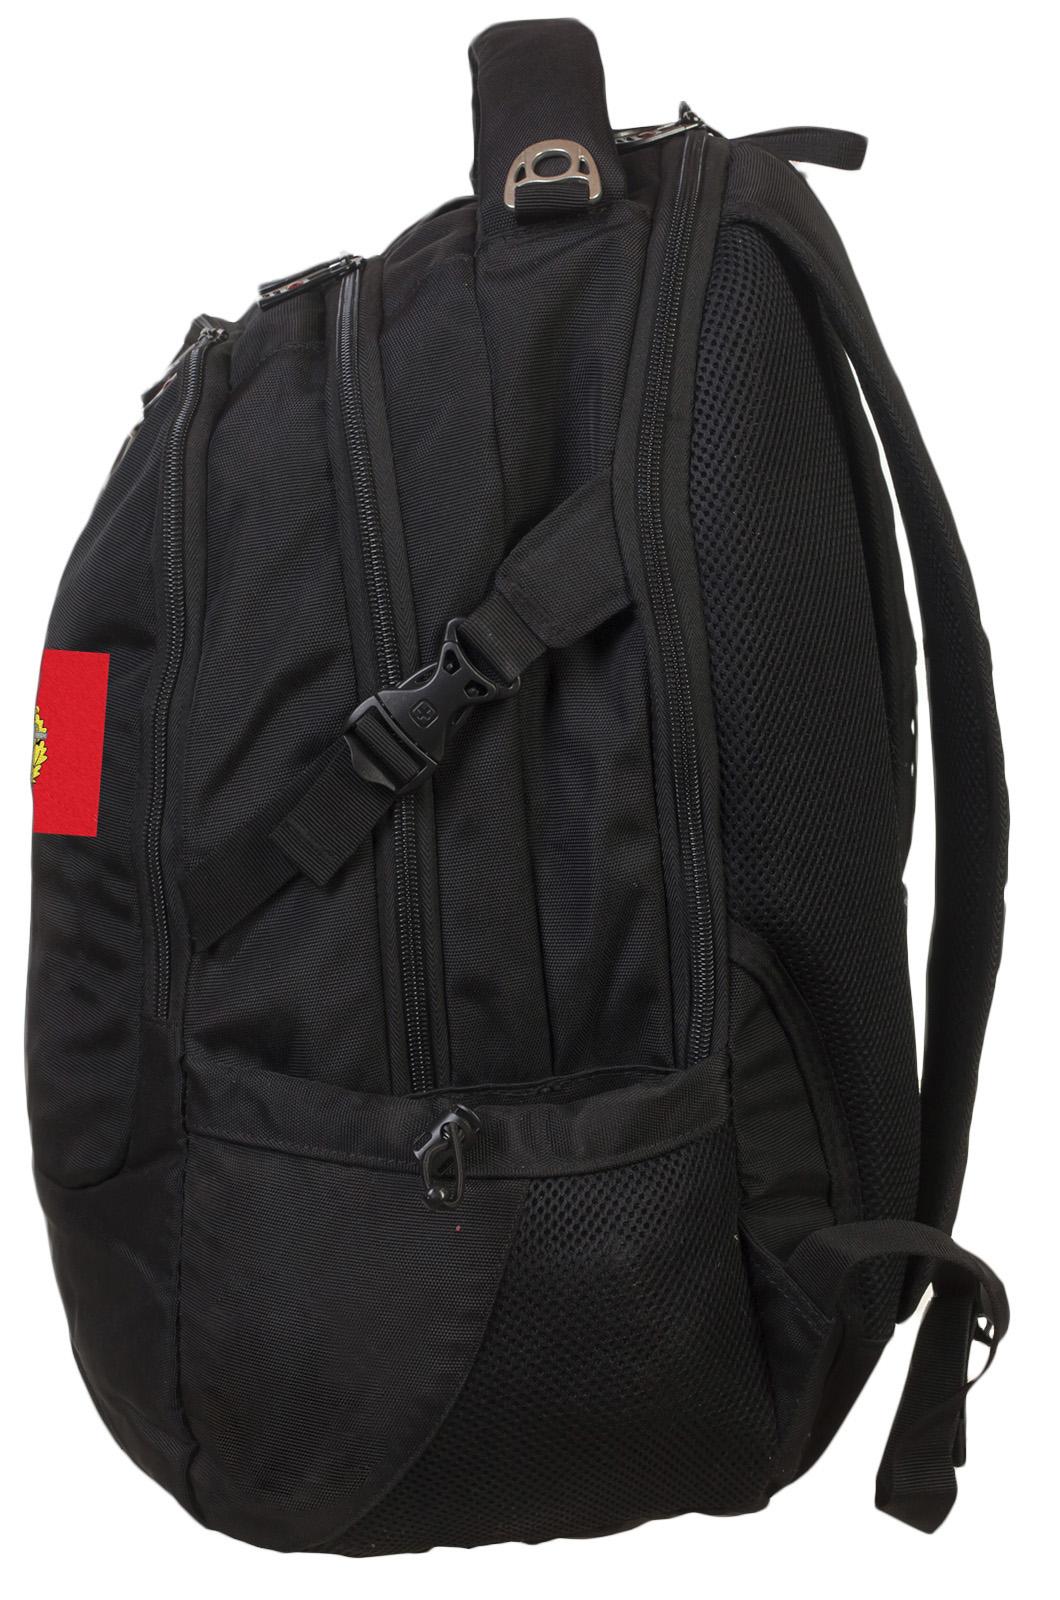 Практичный черный рюкзак с нашивкой Спецназ - заказать оптом